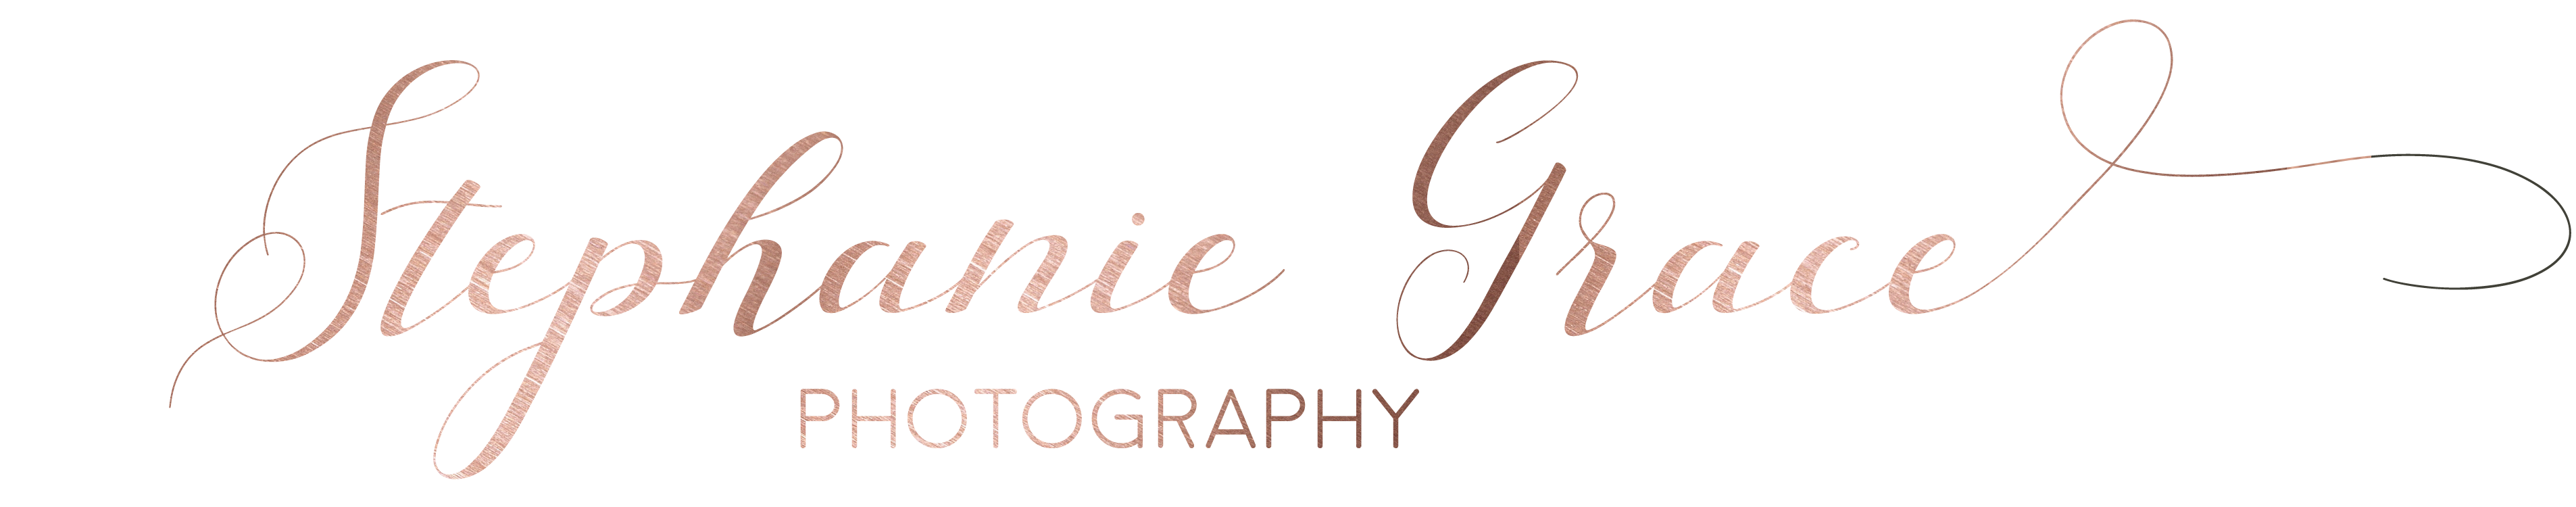 Stephanie Grace Photoghraphy